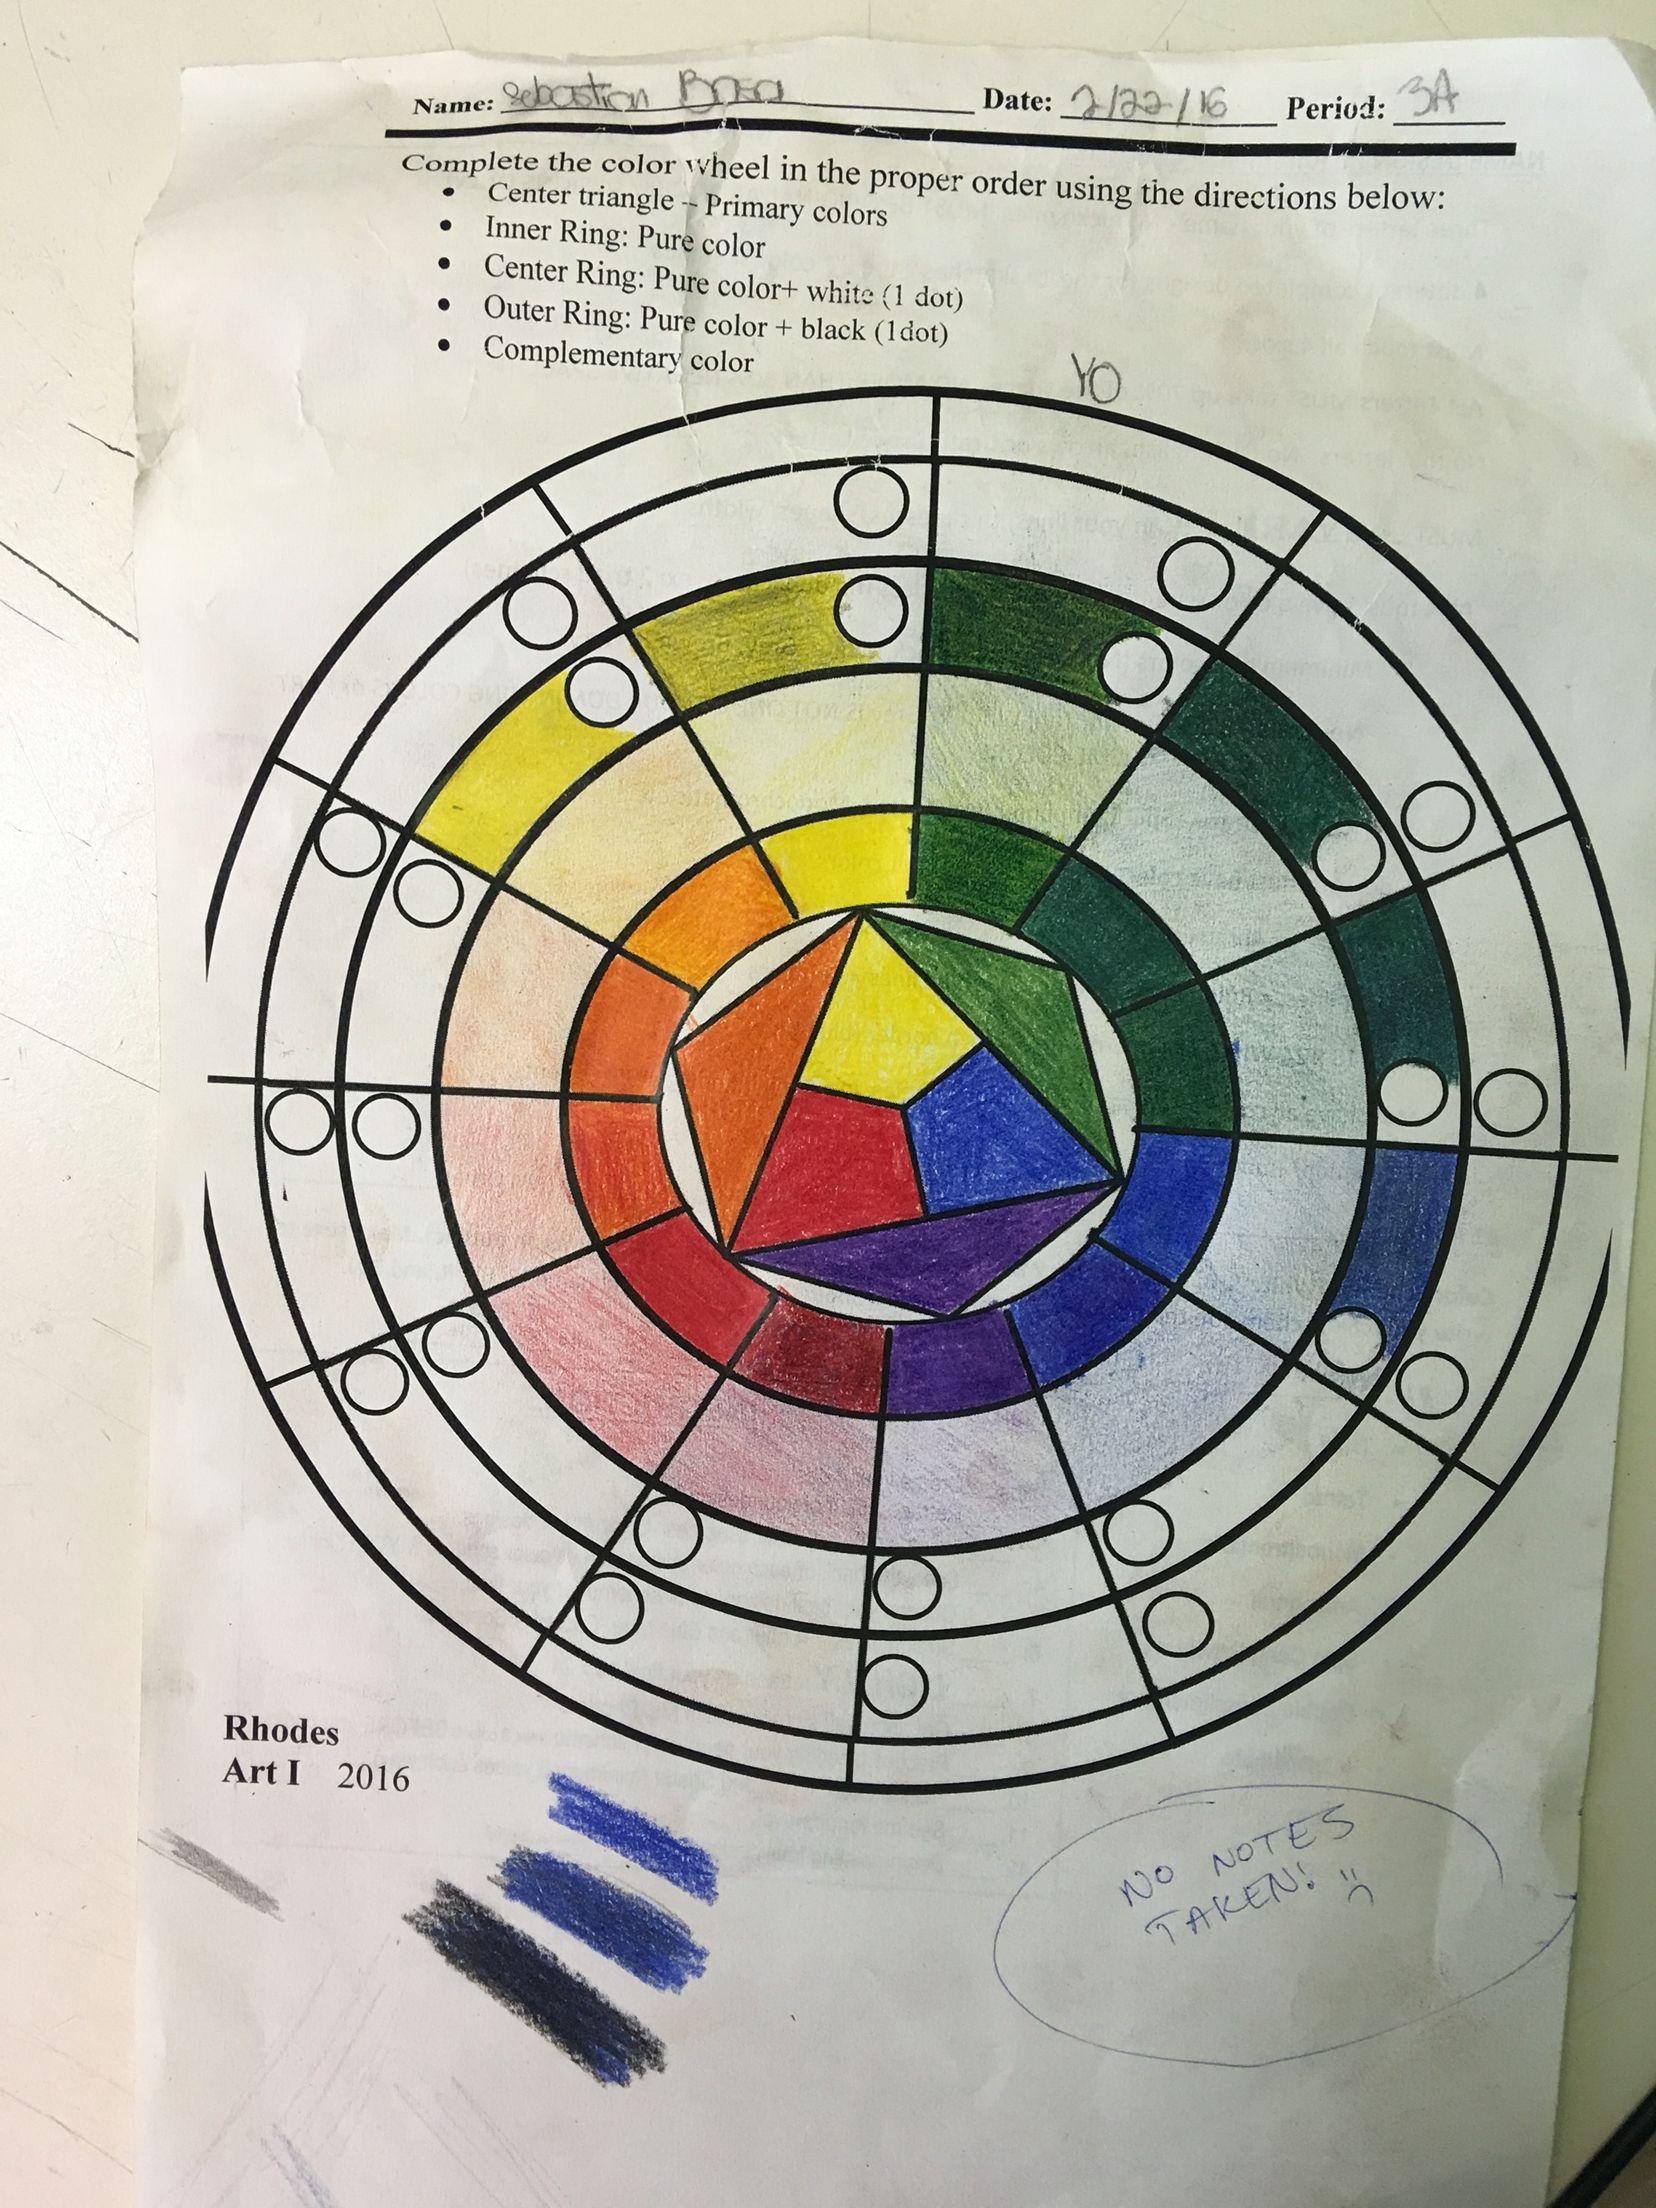 Color wheel (2/26/16)